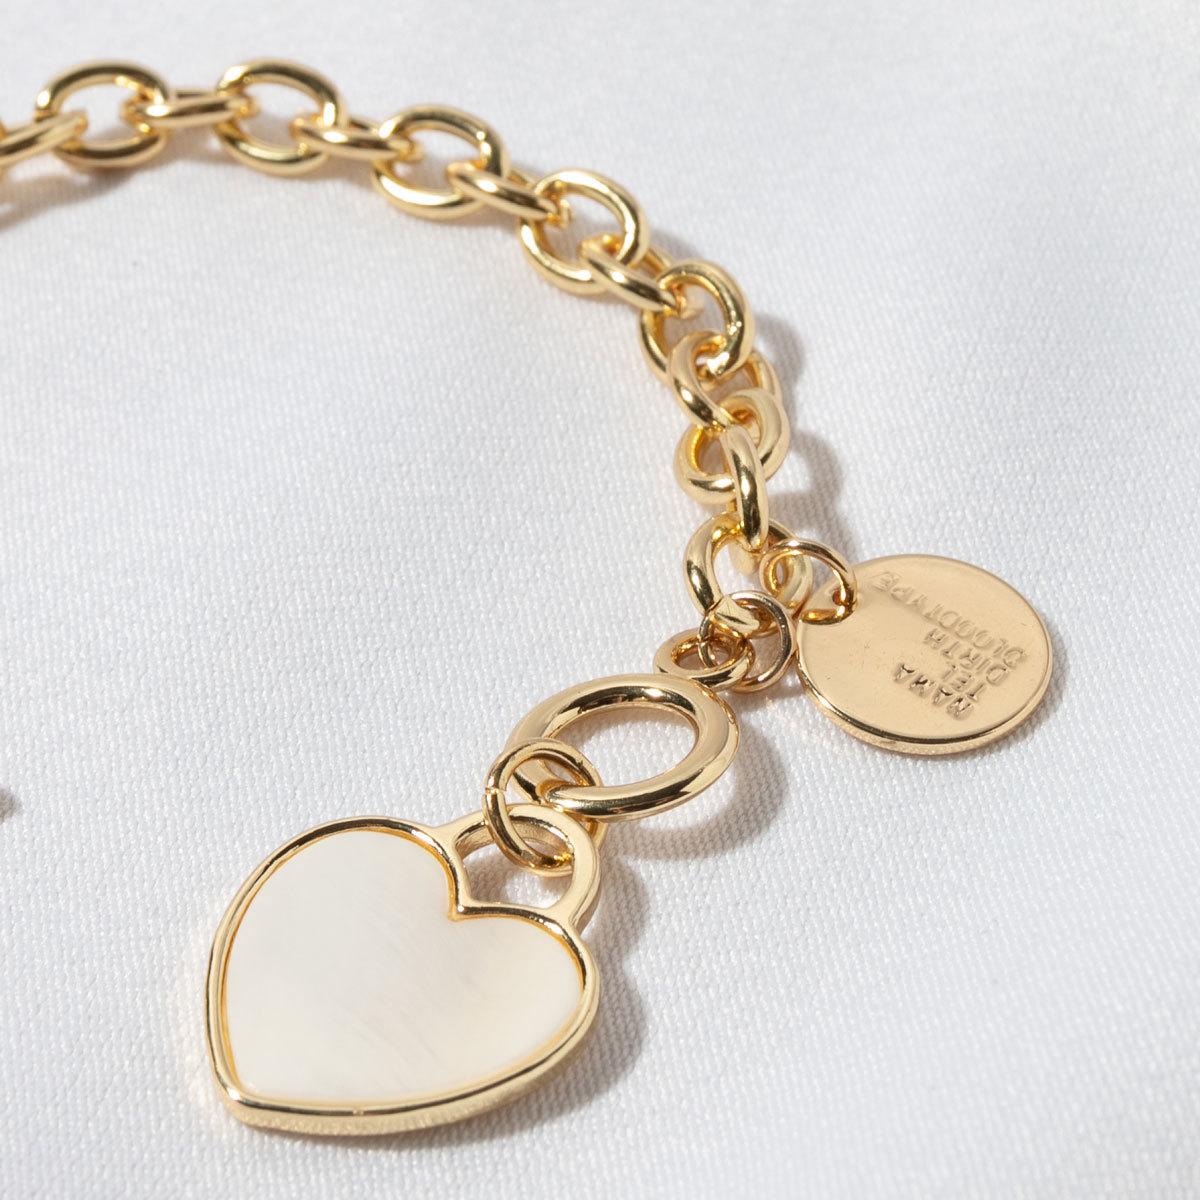 Браслет-цепь с сердечком, перламутр (золотистый)